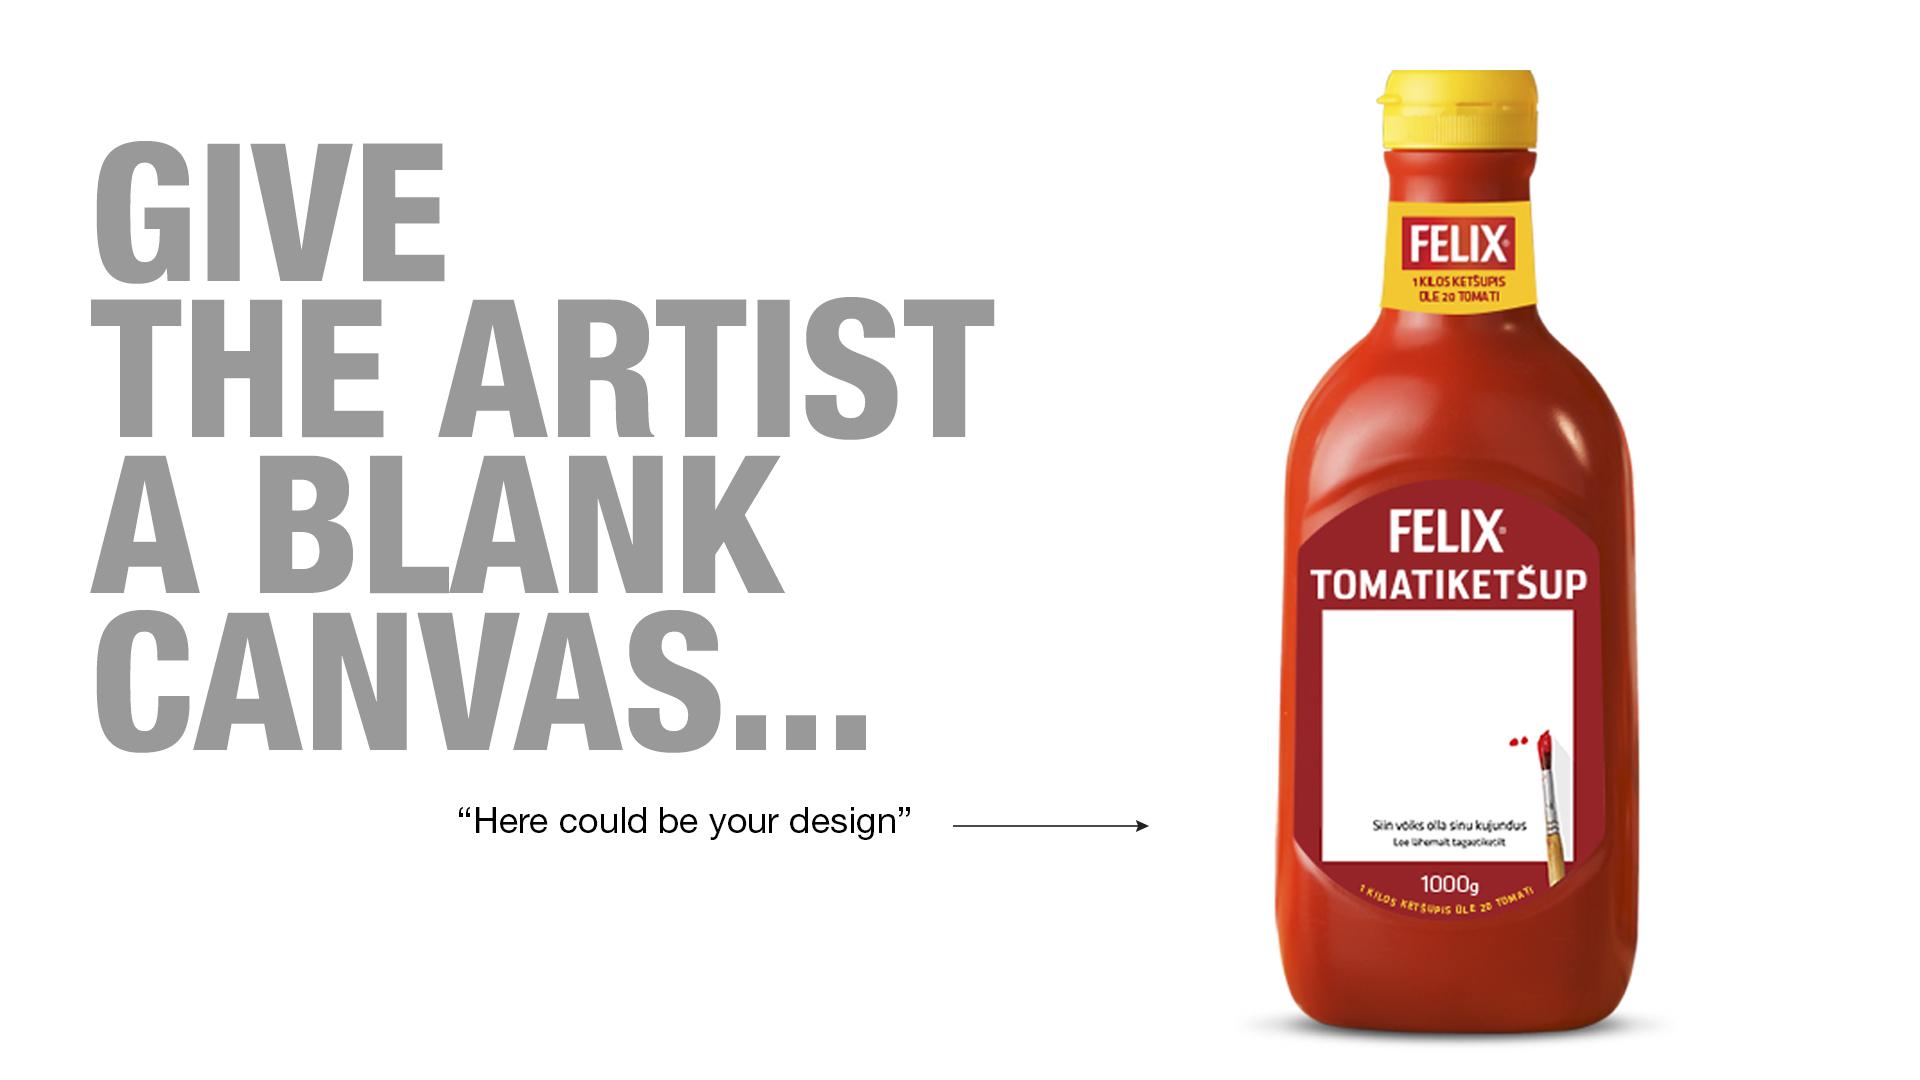 Felix Makes You an Artist 2014